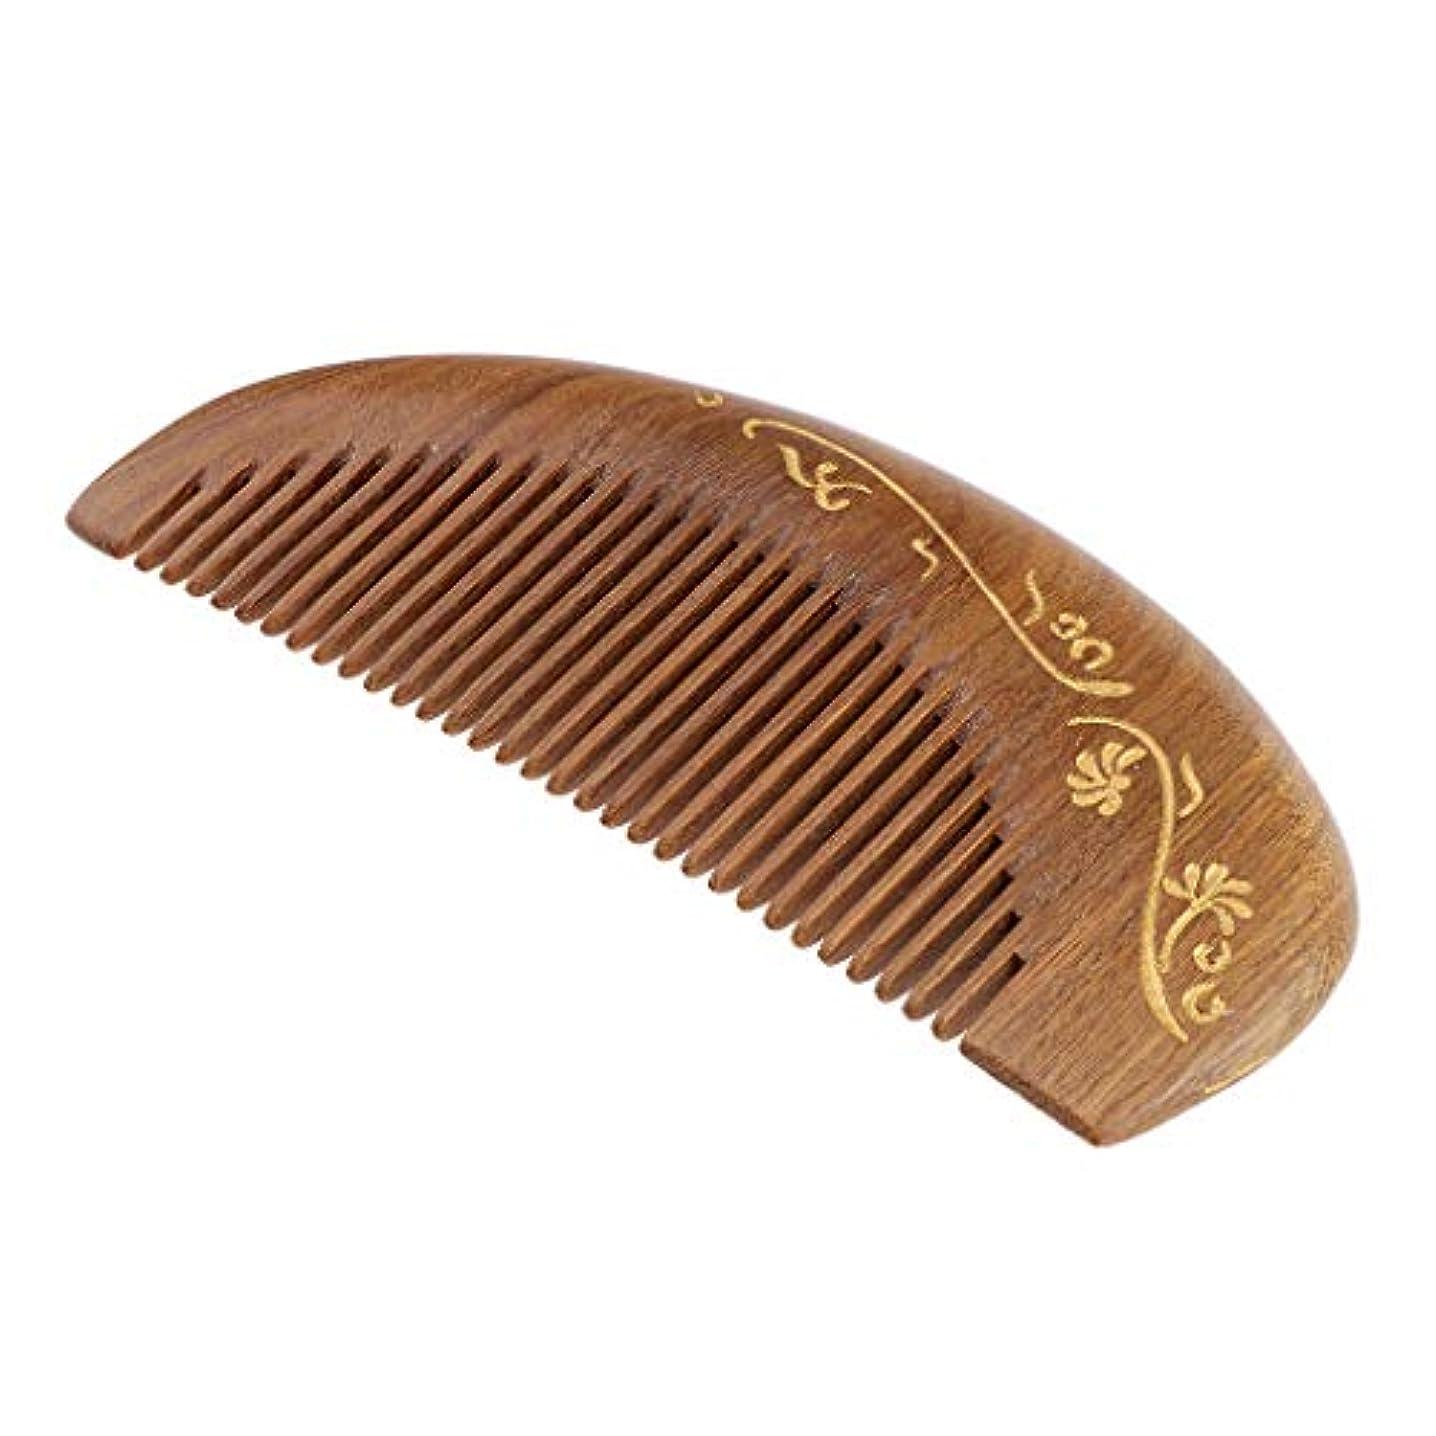 舌な信頼性のあるメイドP Prettyia 帯電防止櫛 ウッドヘアーコーム 頭皮マッサージ 櫛 レトロ 4仕様選べ - #2